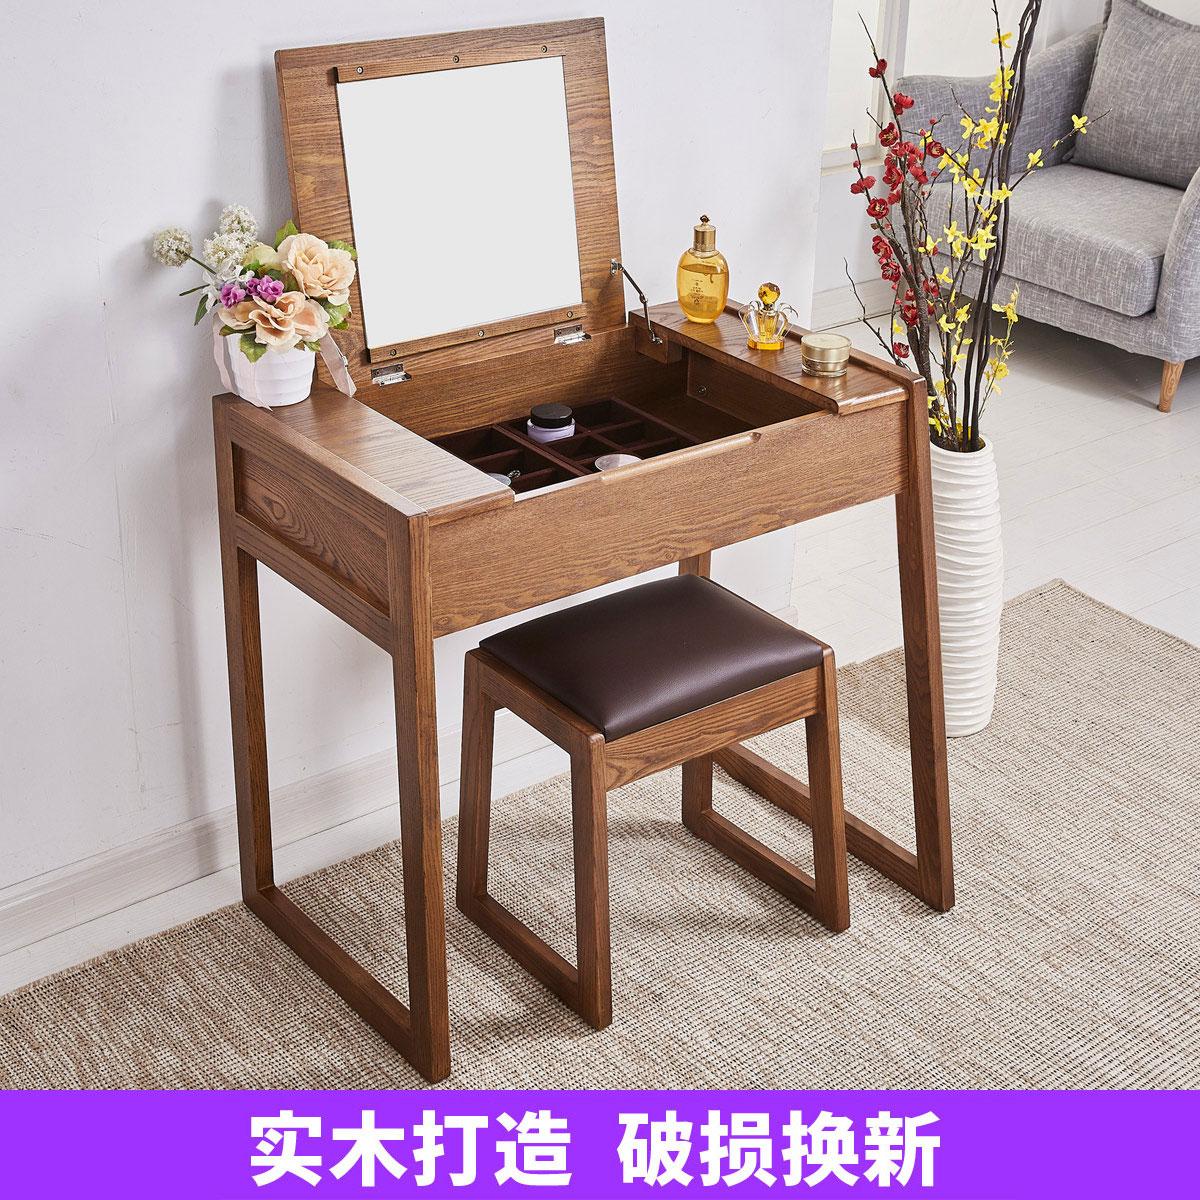 梳妆台小 时尚化妆桌